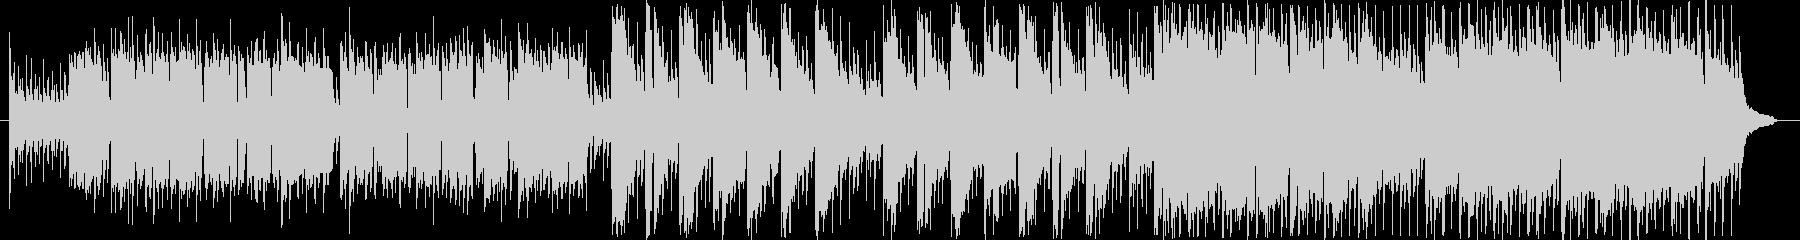 アメージンググレイス~陽気なカントリー風の未再生の波形